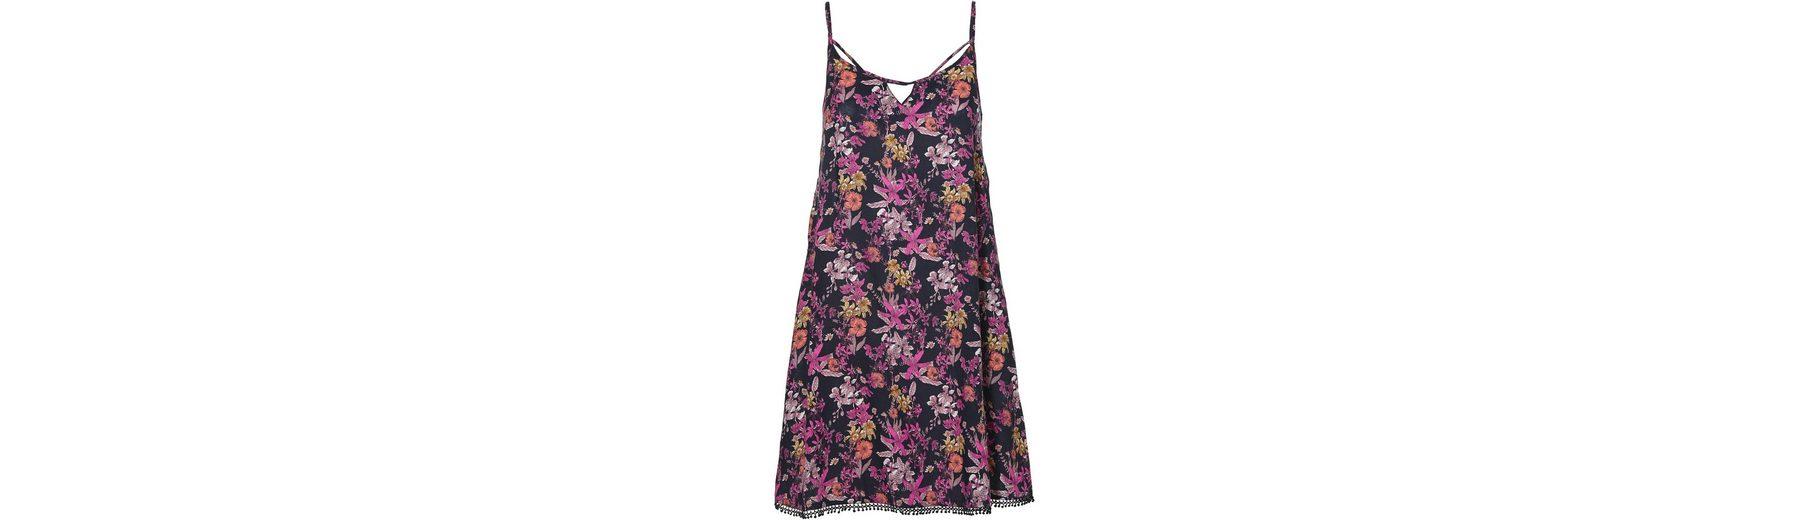 O'Neill Kleid maxi Rosebowl Billige Neue Stile Online-Verkauf Spielraum Billig Echt Verkauf Billig OebPjmzI3